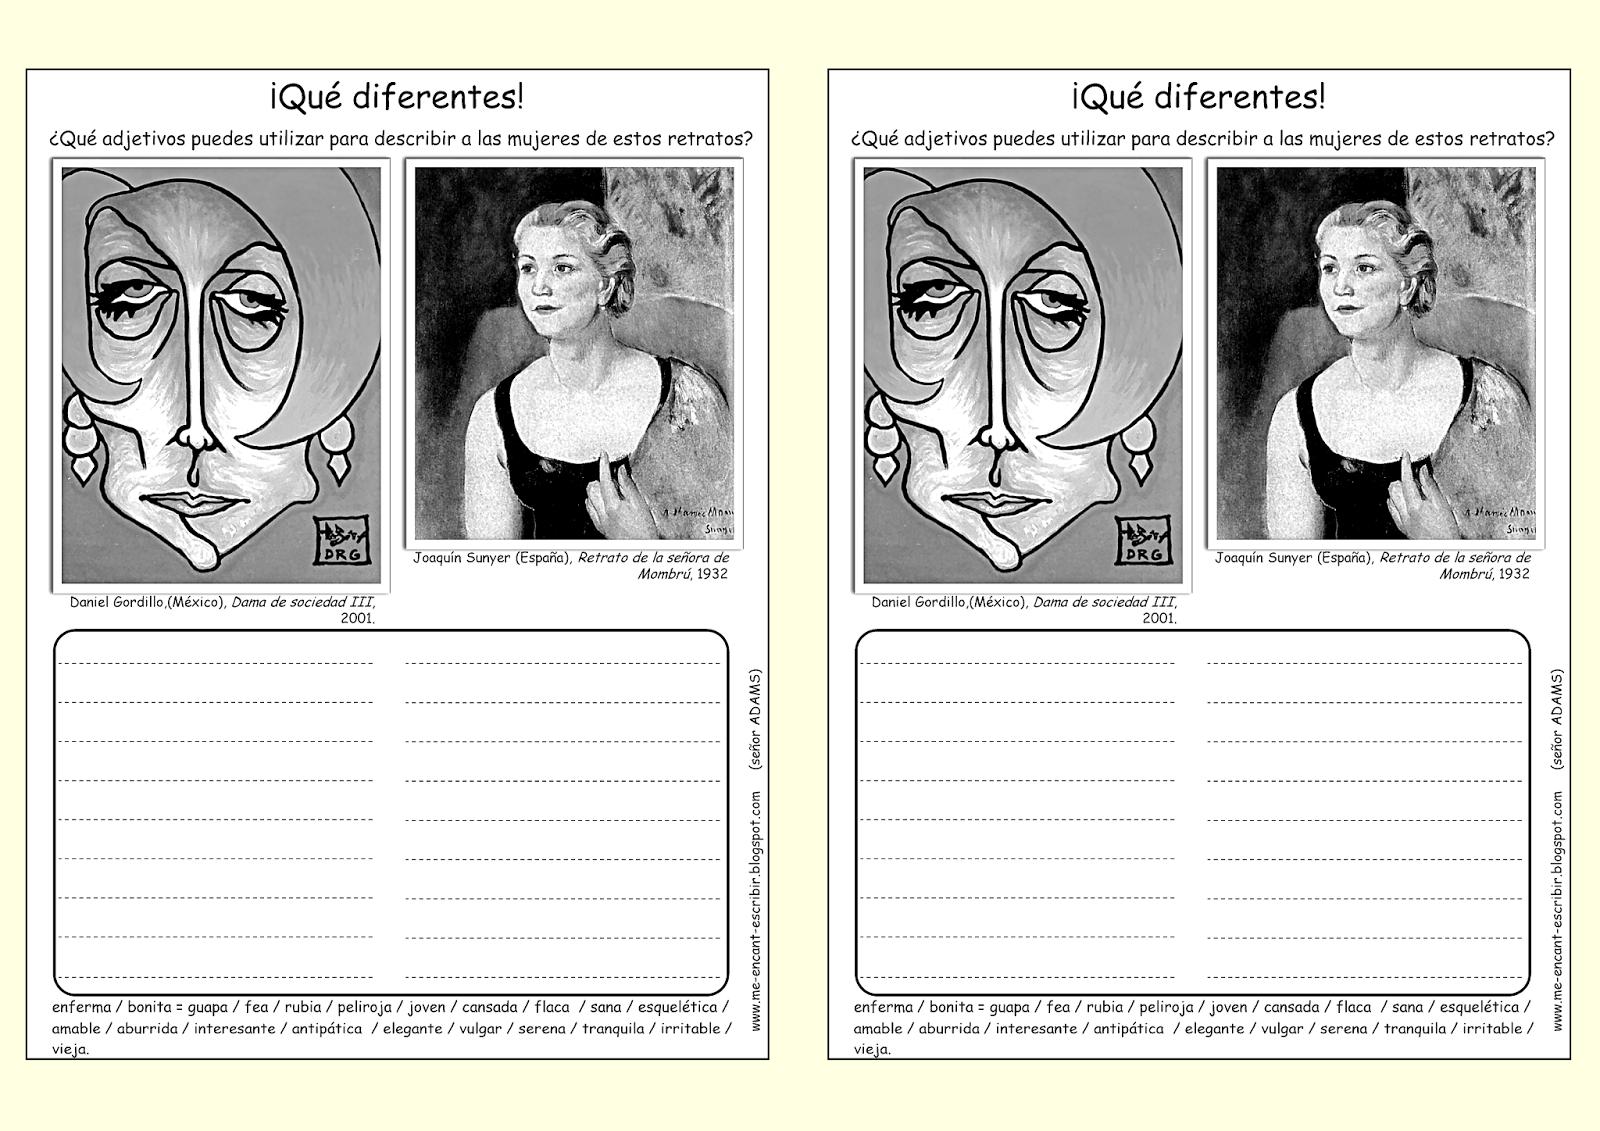 Me Encanta Escribir En Espanol Retratos De Mujeres